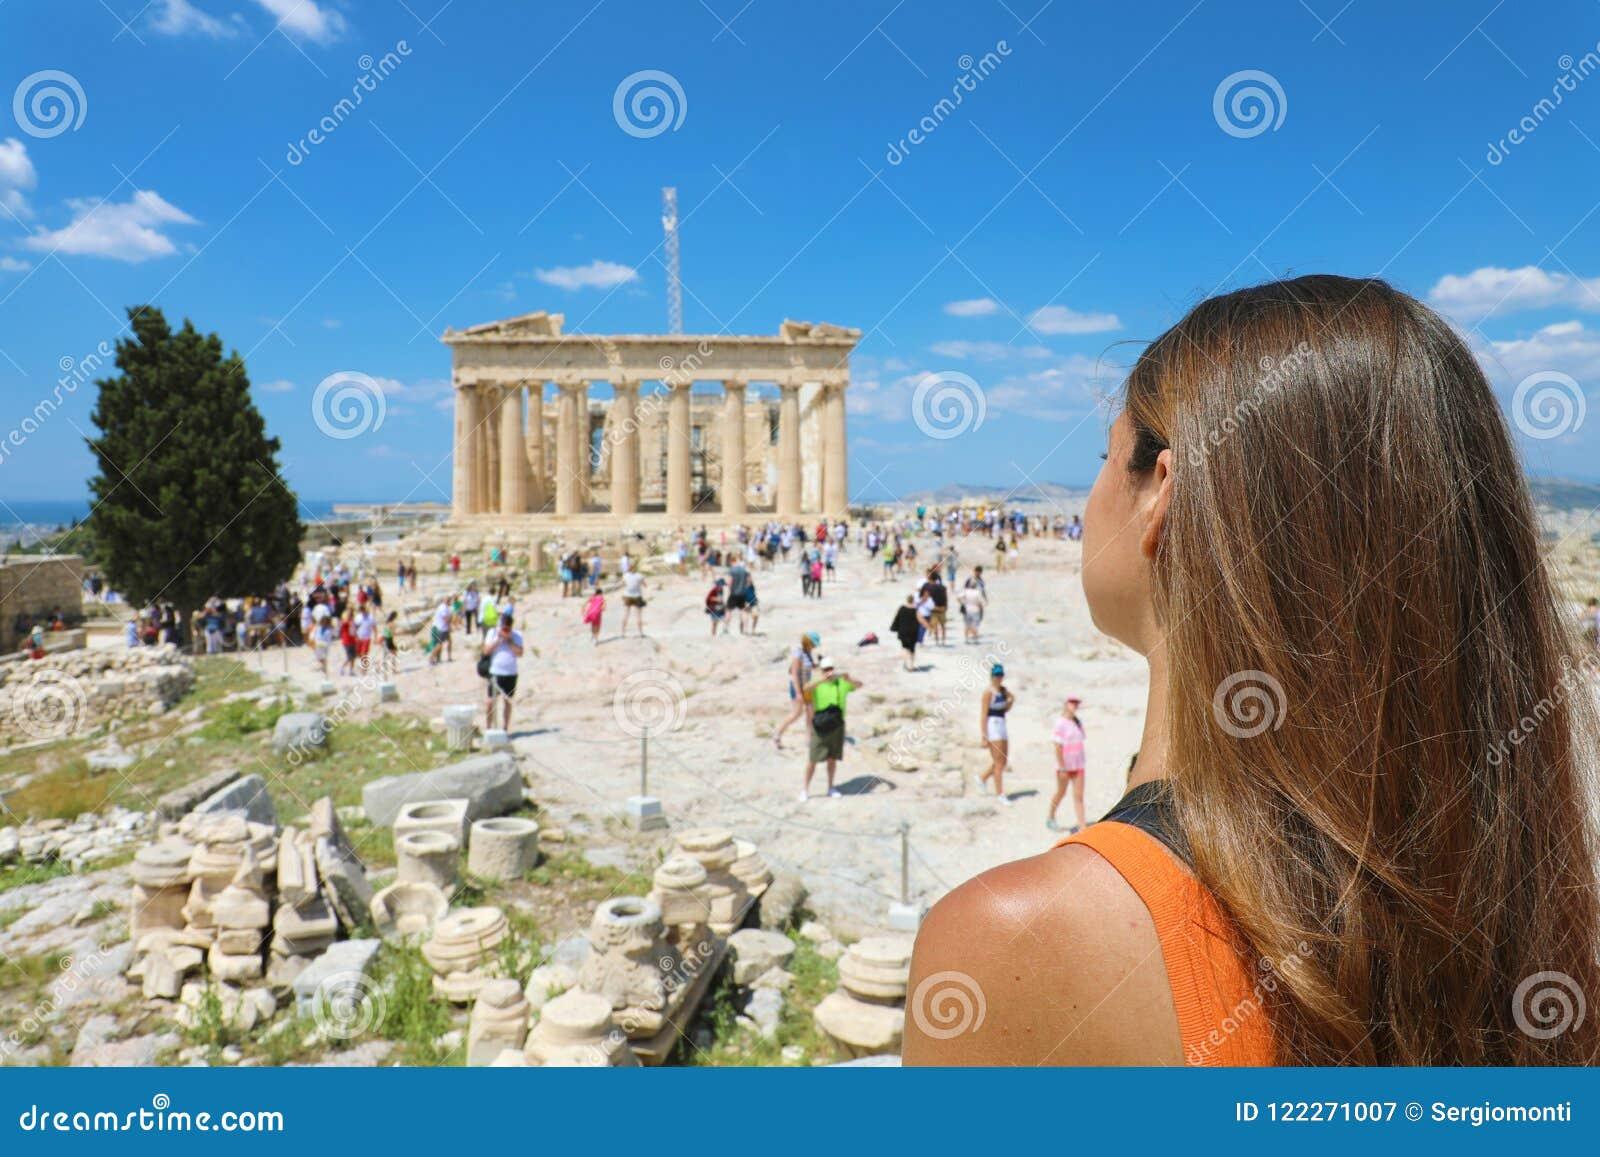 La jeune femme regarde le parthenon sur l Acropole d Athènes, Grèce Le parthenon célèbre du grec ancien est le touriste principal